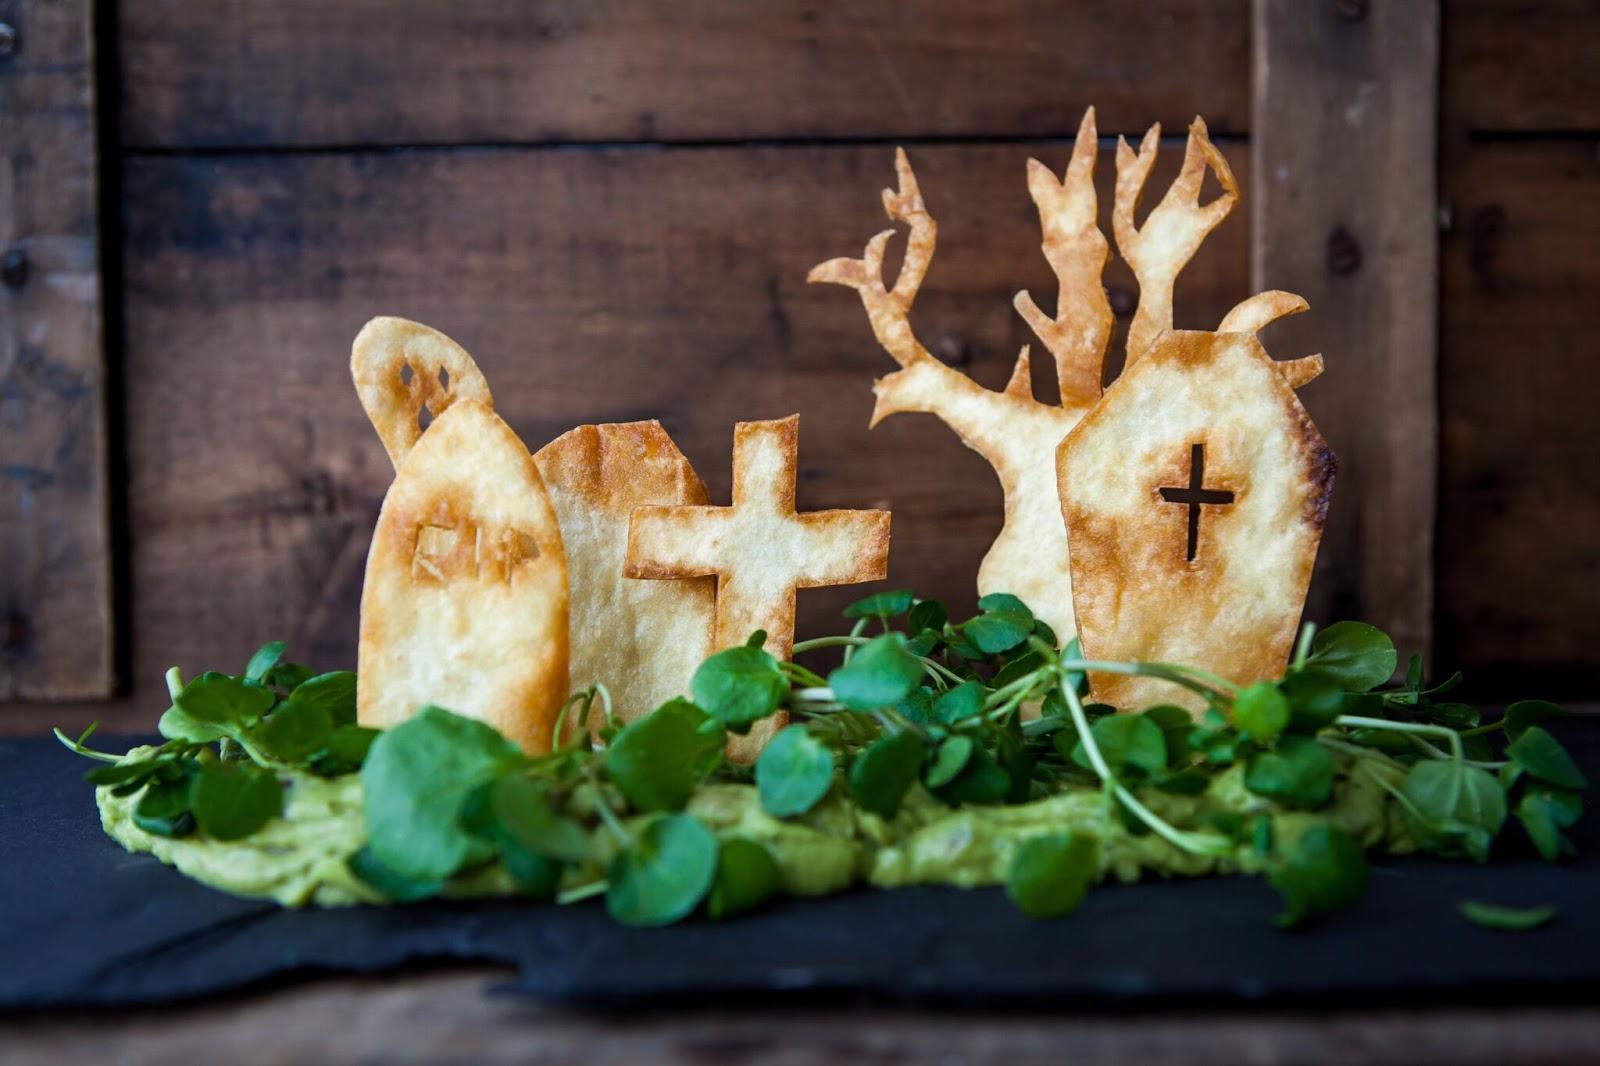 Spooky Tortilla Graveyard With Guacamole Dip